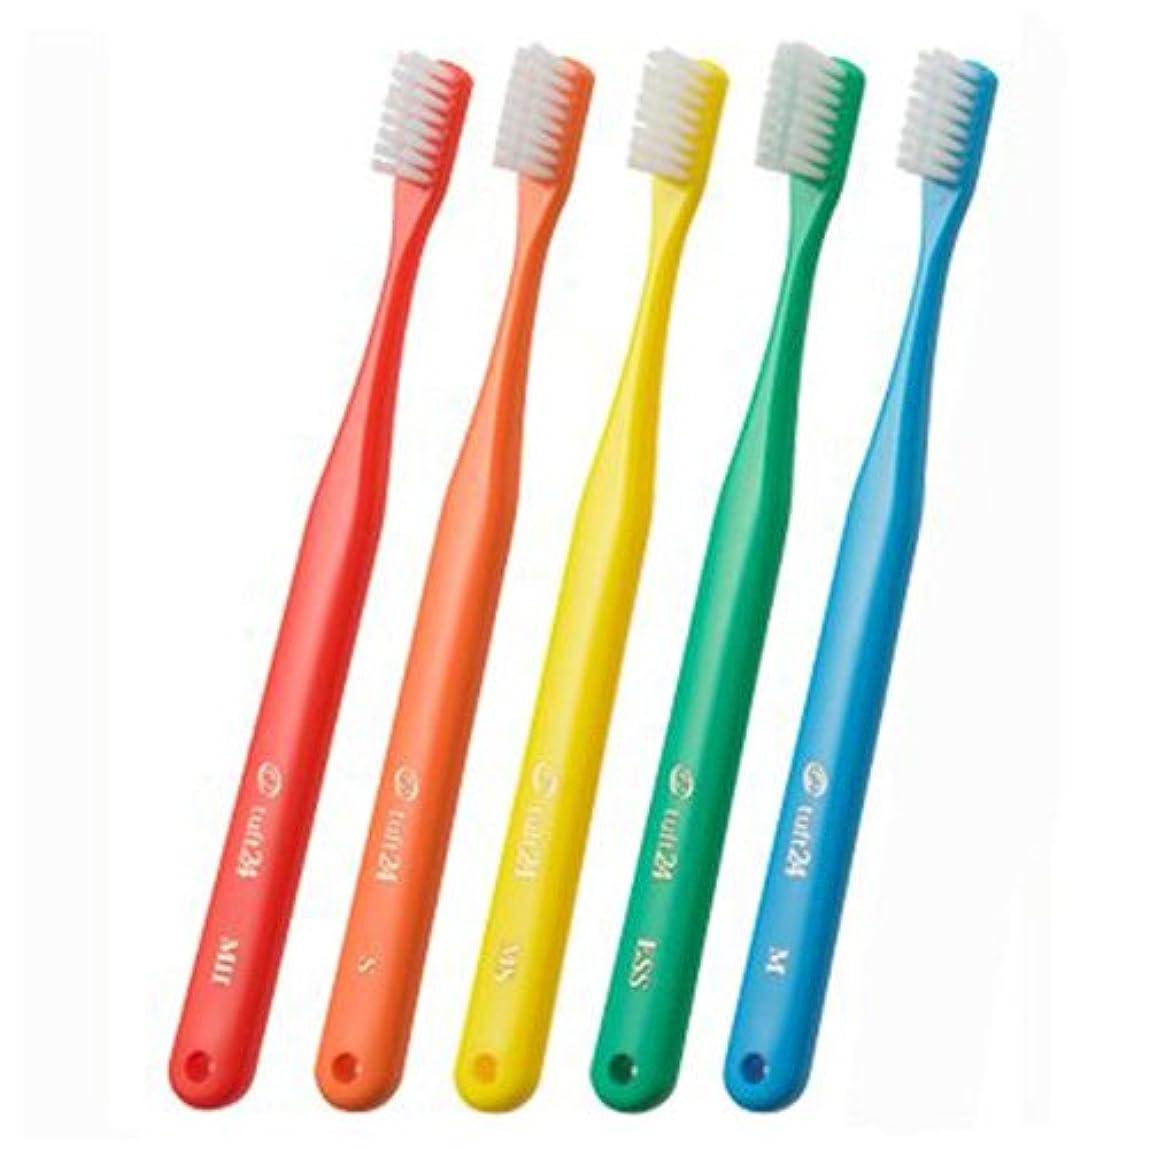 平均ランク用量オーラルケア タフト24 一般成人用 3列歯ブラシ 10本セット MS(ミディアムソフト) イエロー